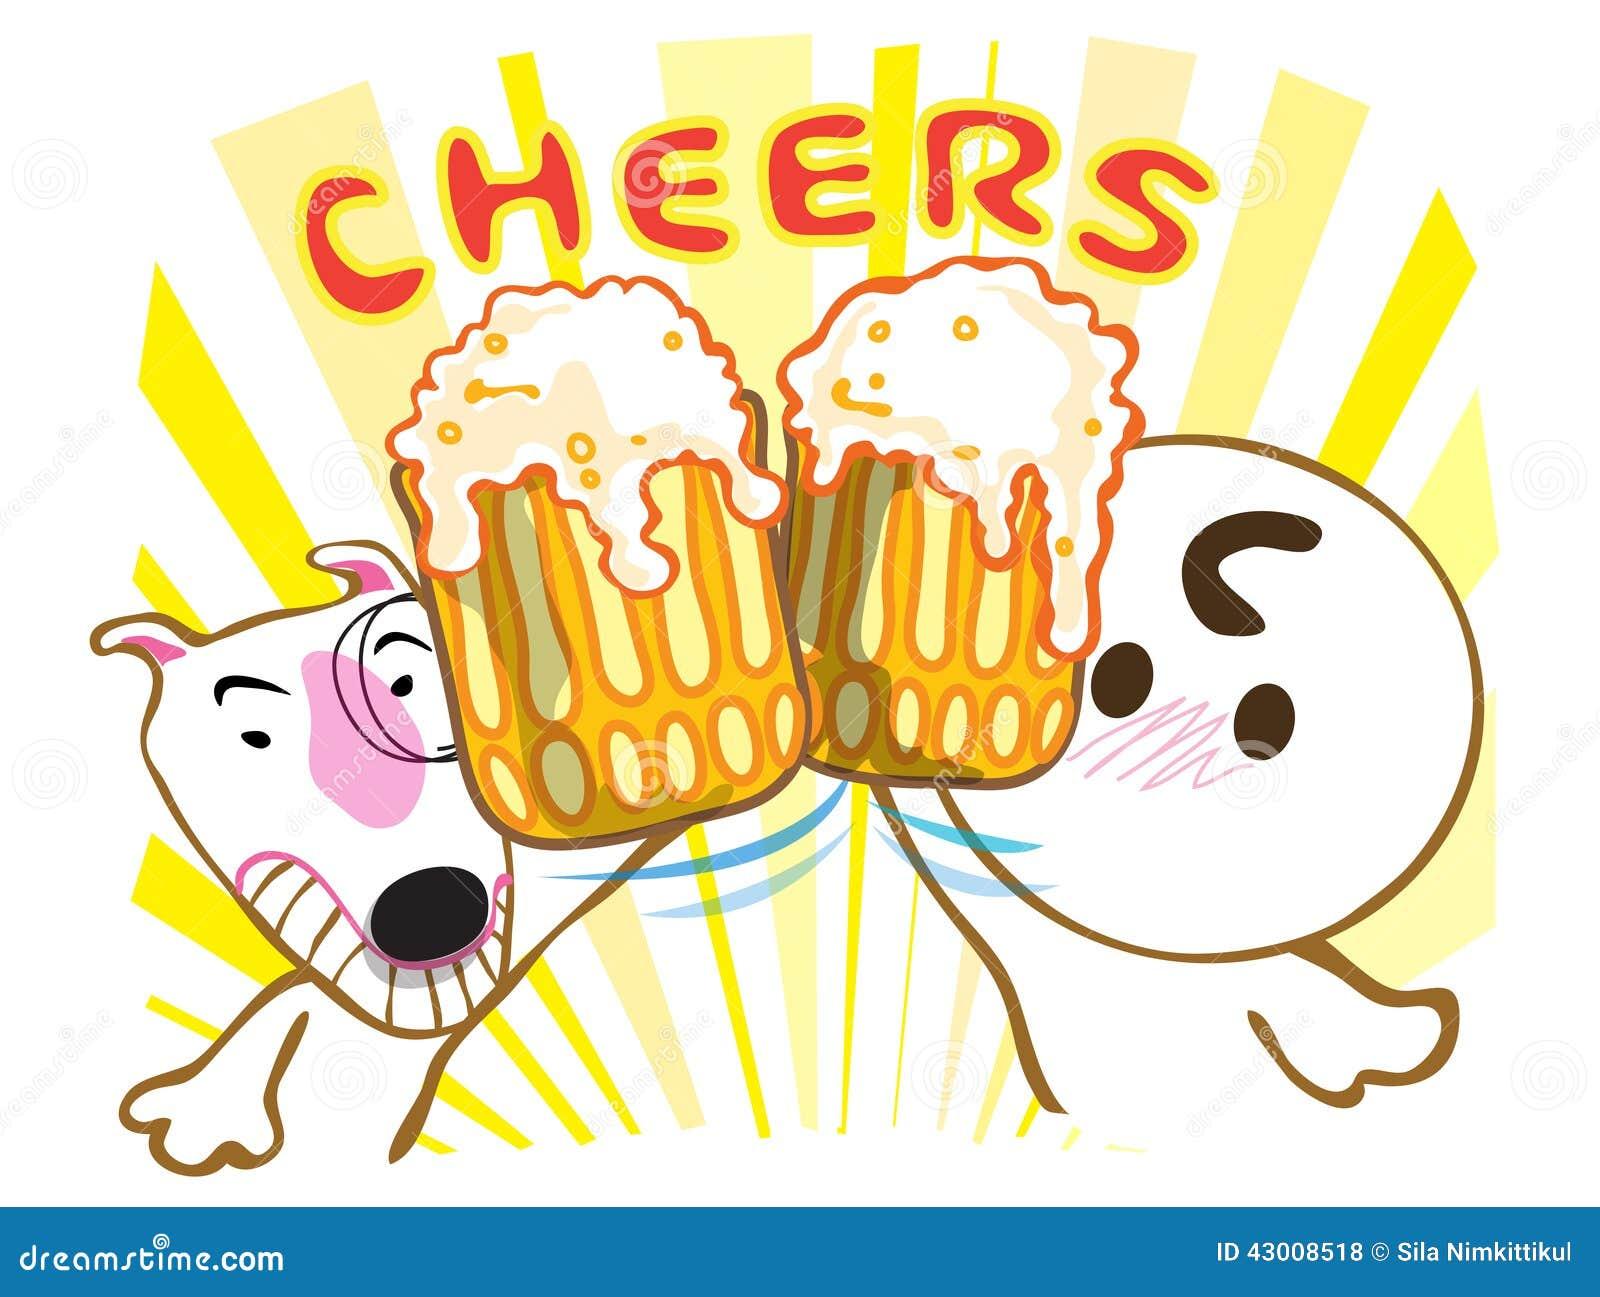 i want dog bull terrier stock illustration